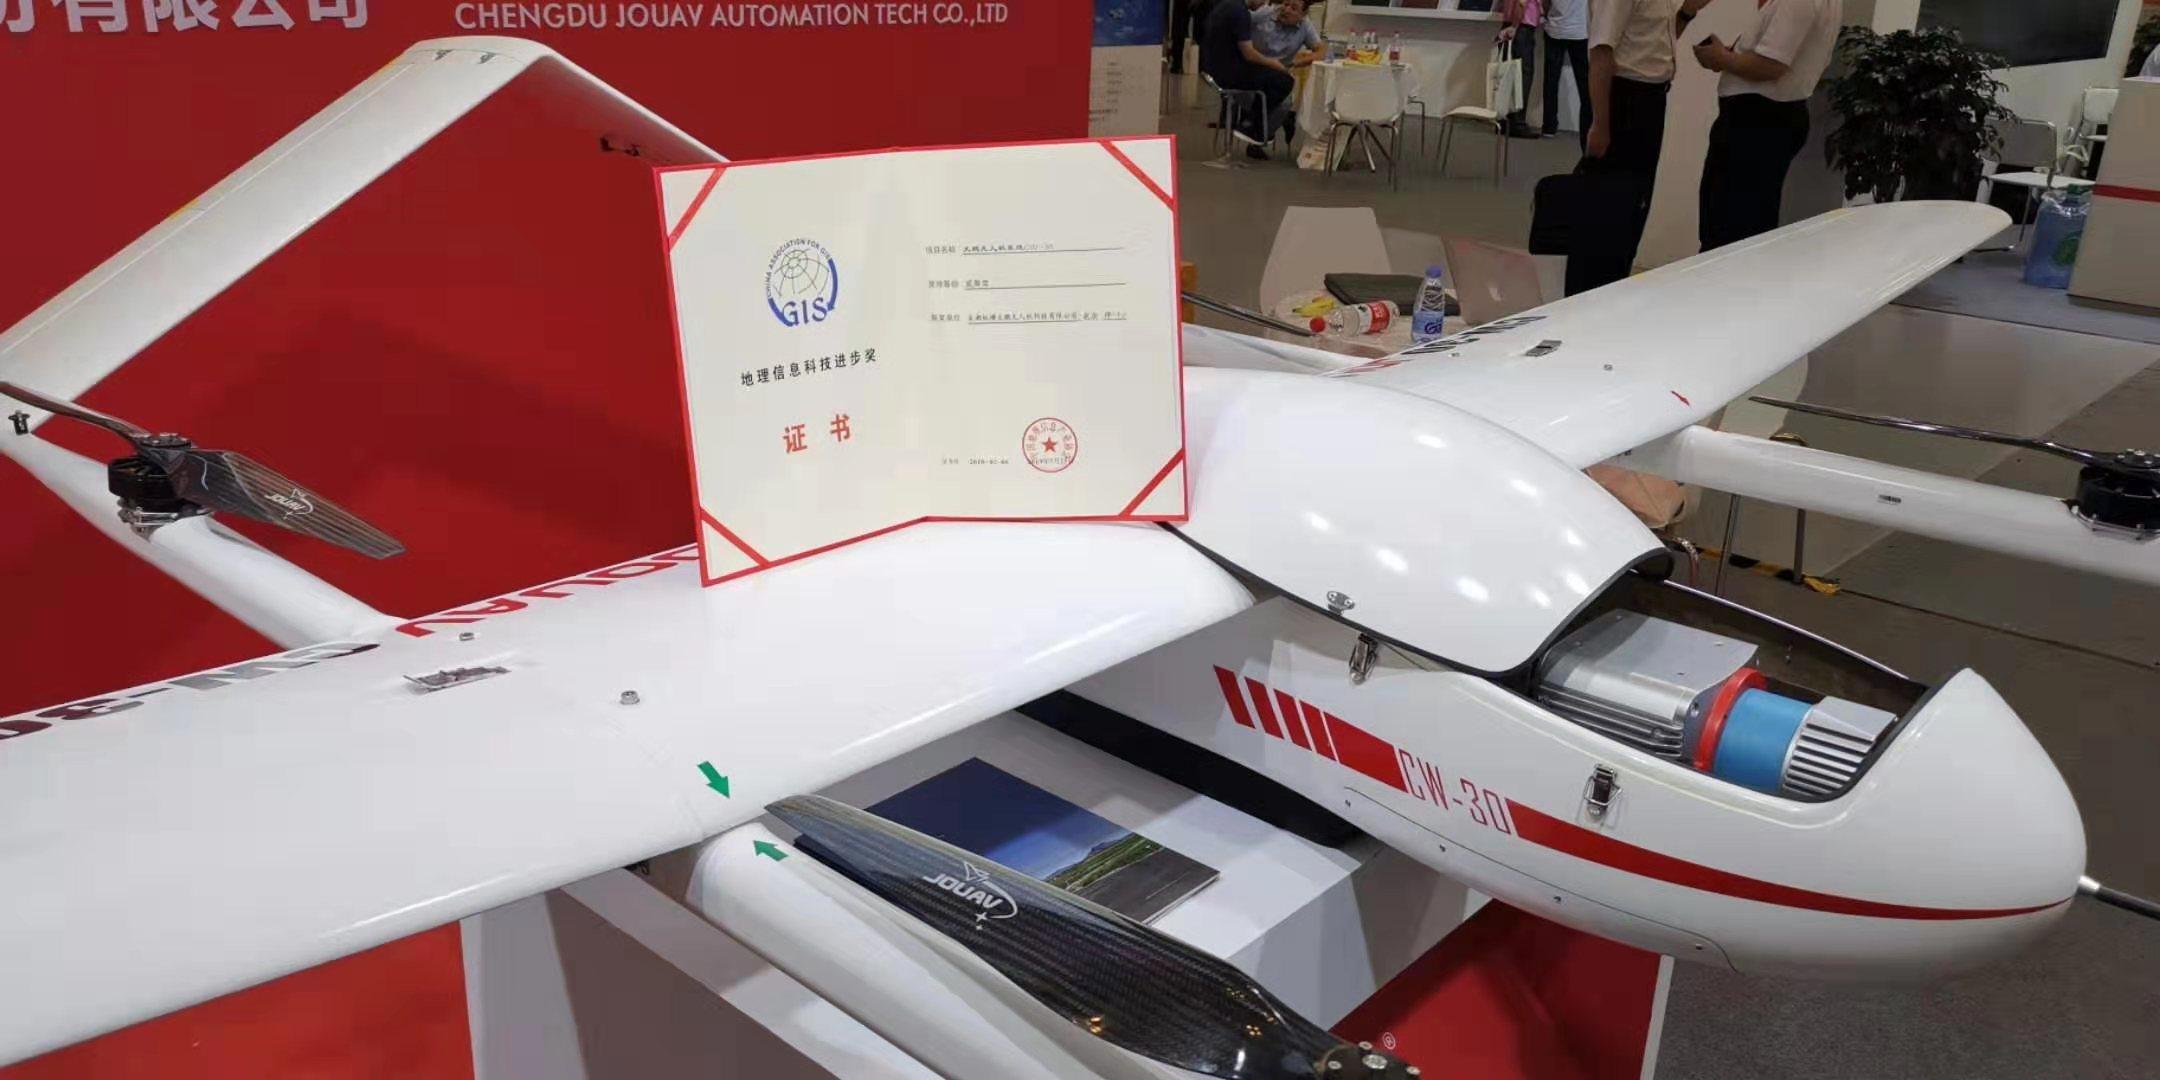 无人机激光雷达_临沧其他地矿勘测设备-云南中勘测绘工程有限公司